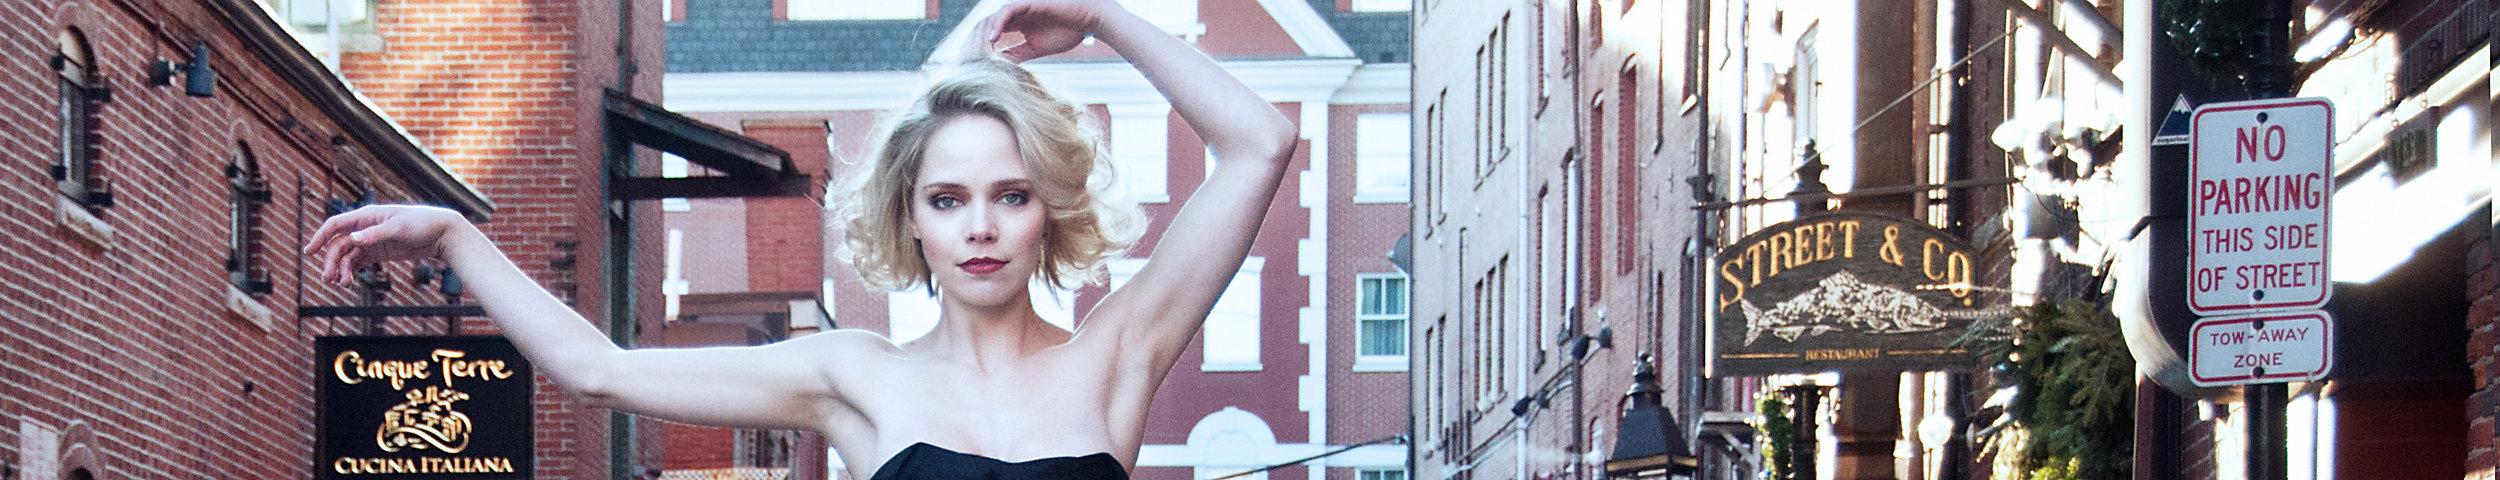 Ester Eva - Model test shoot, Portland, Maine